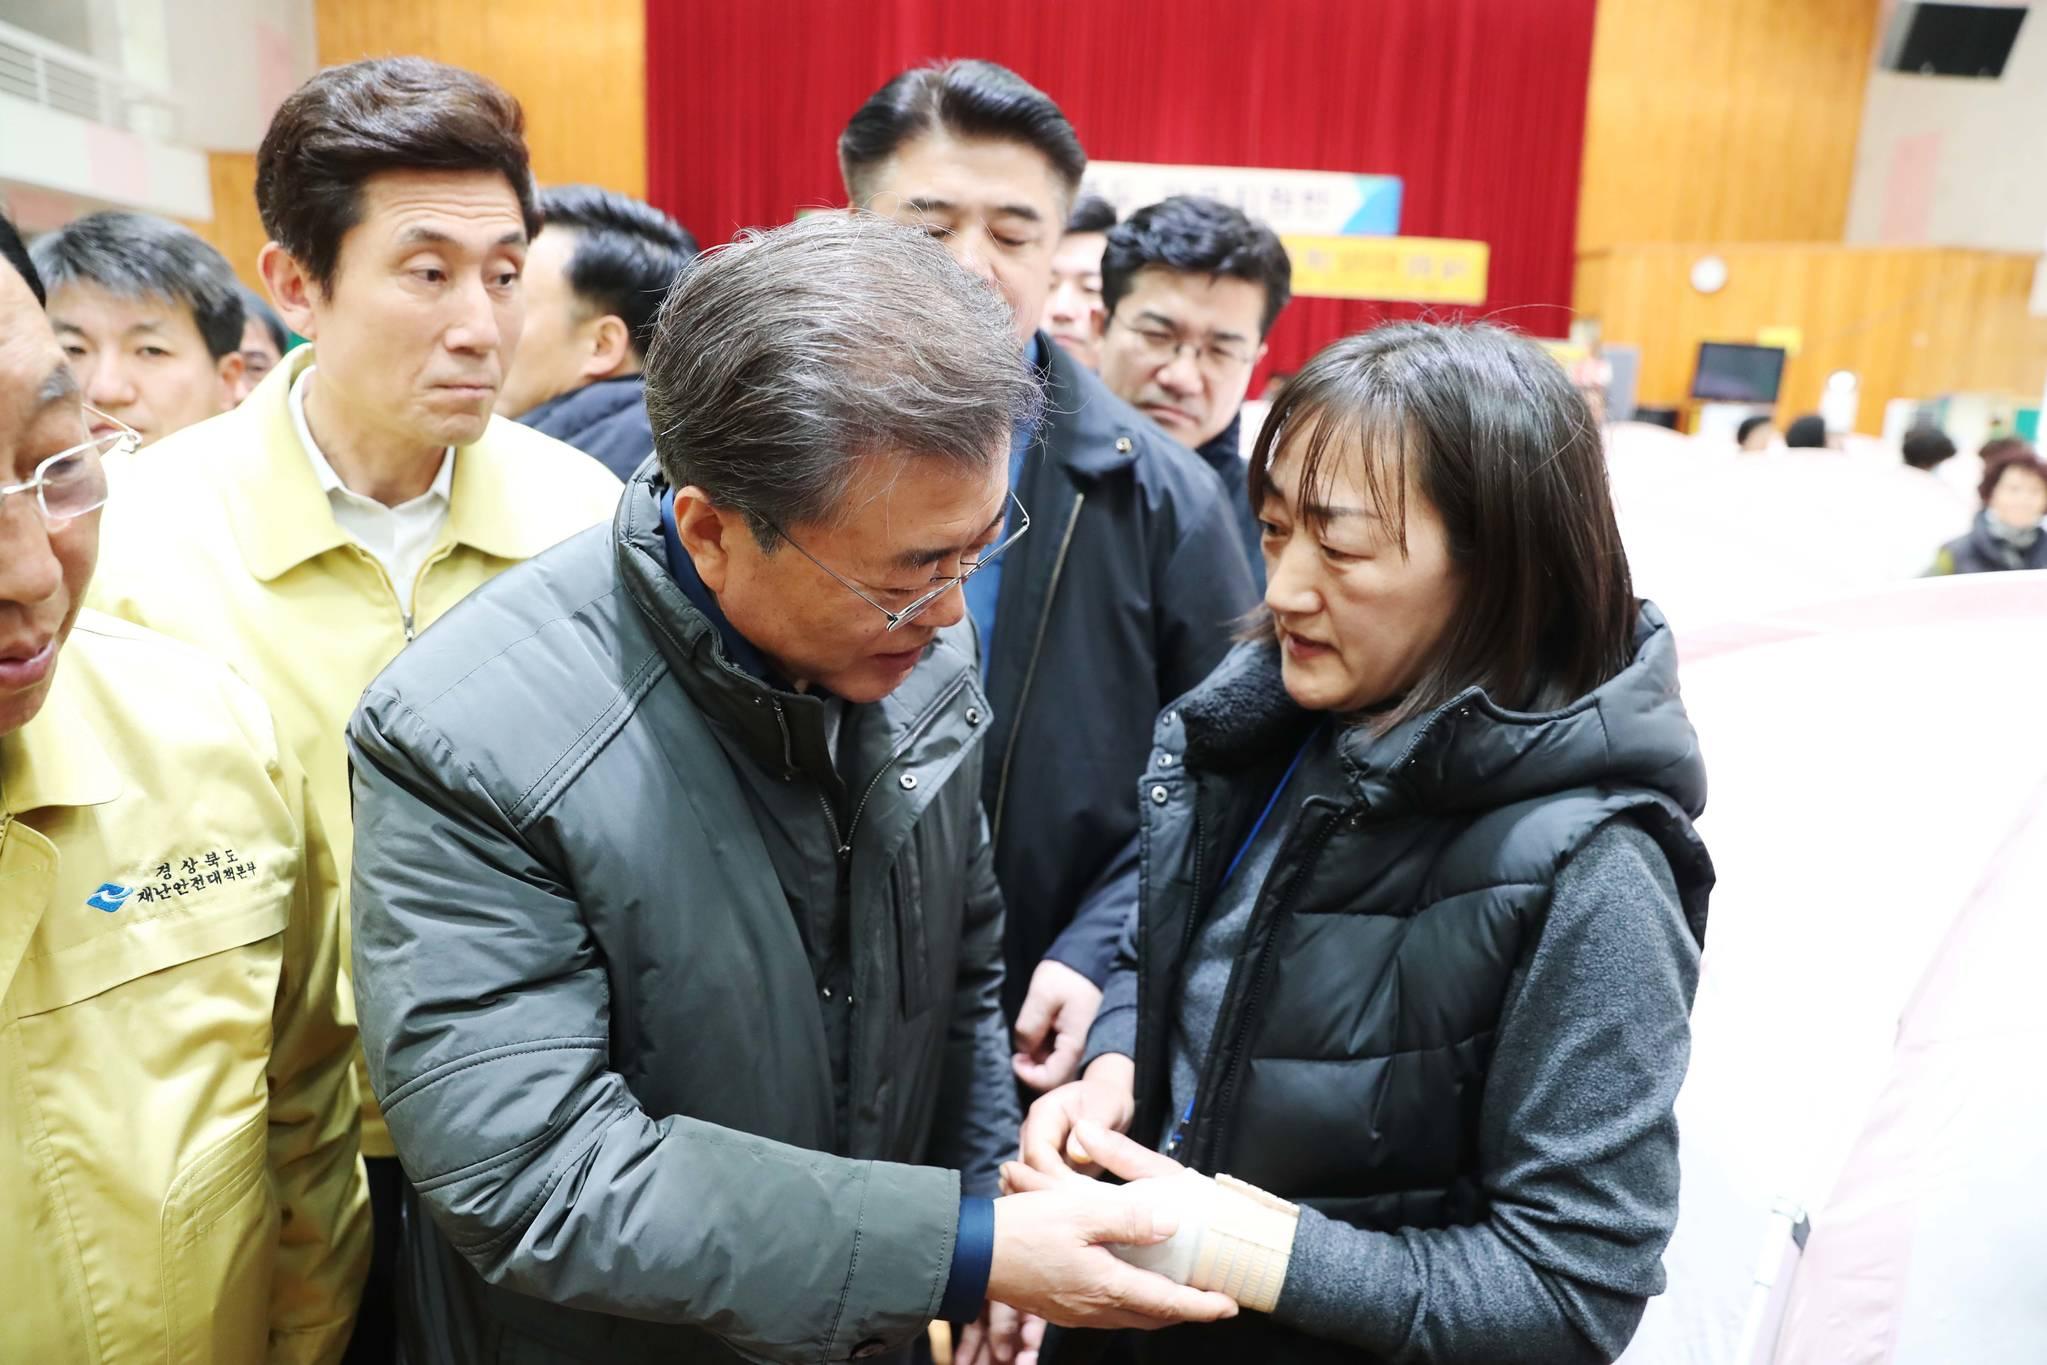 문재인 대통령이 지난해 11월 24일 지진피해를 입은 포항 흥해 실내체육관을 찾아 피해 이주민들을 위로 하고 있다. 김상선 기자